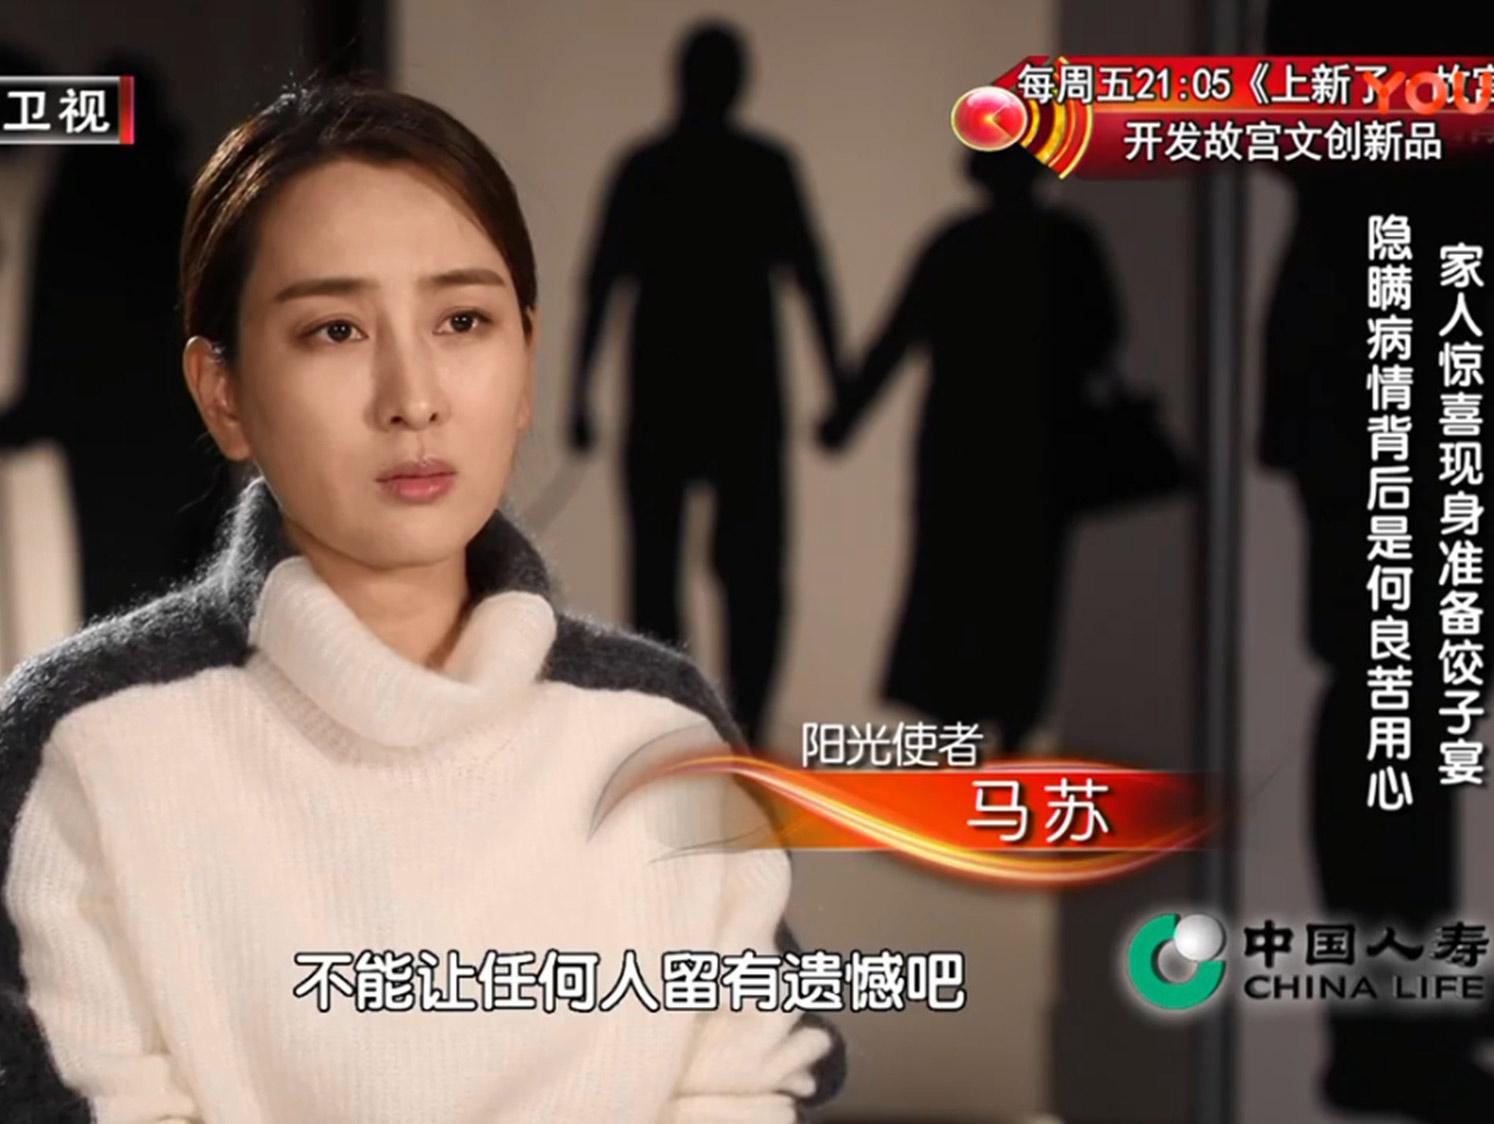 """马苏登北京卫视为爱筑梦送出""""生命的礼物"""""""